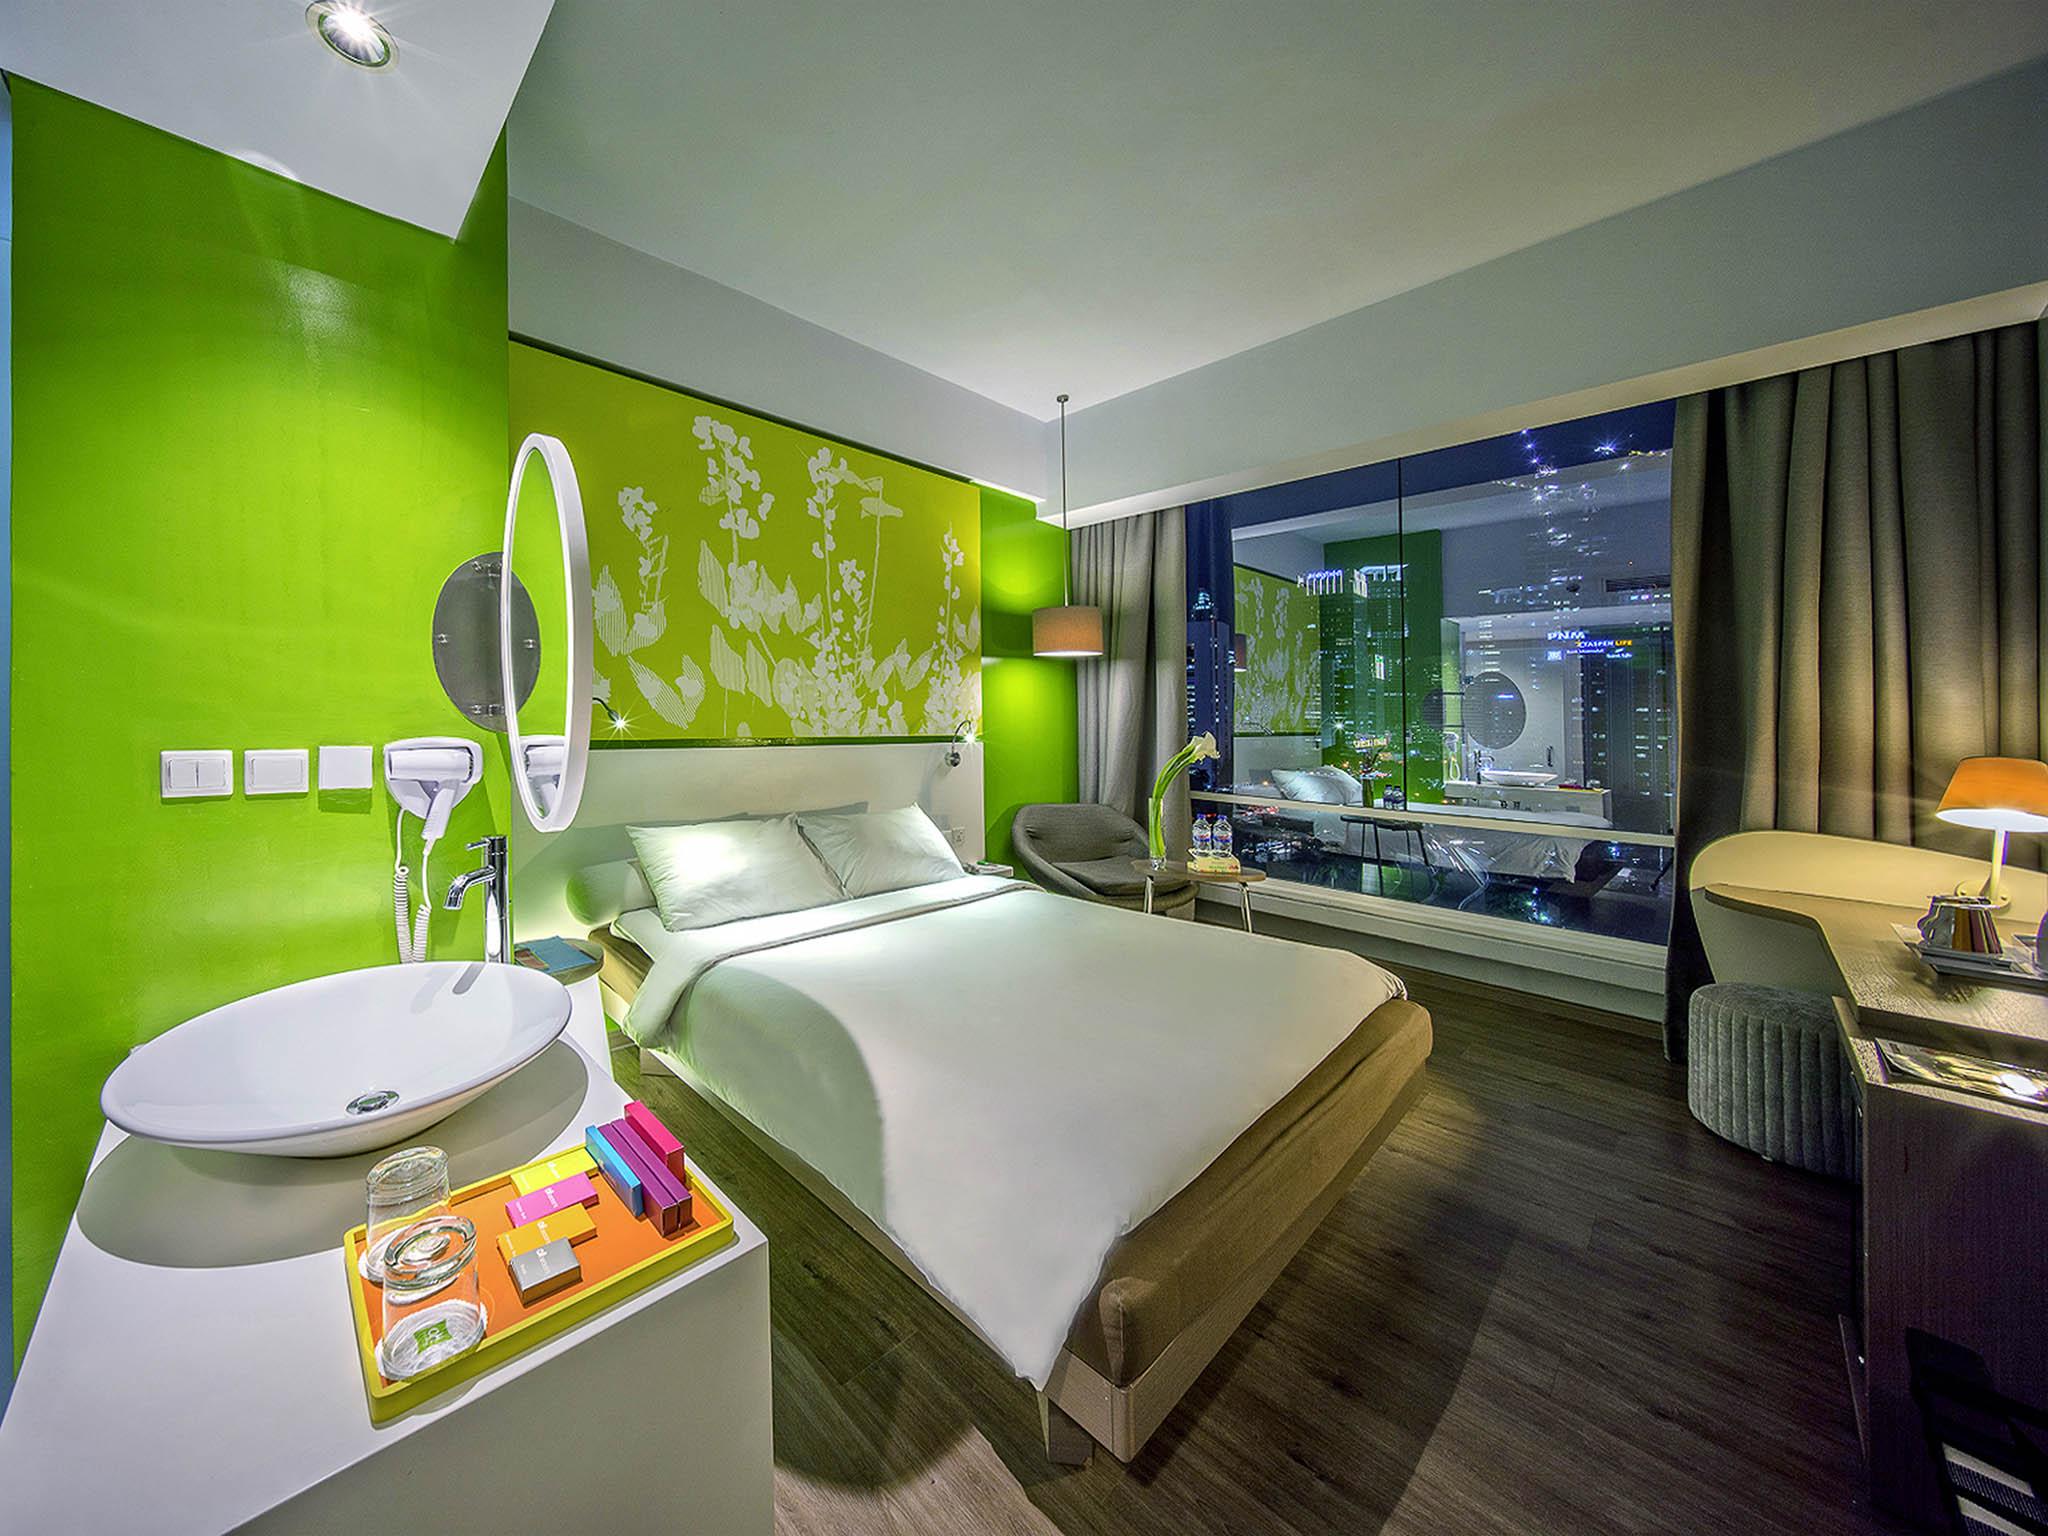 Hotel jakarta all seasons thamrin accorhotels jakarta for Interior design lasalle jakarta